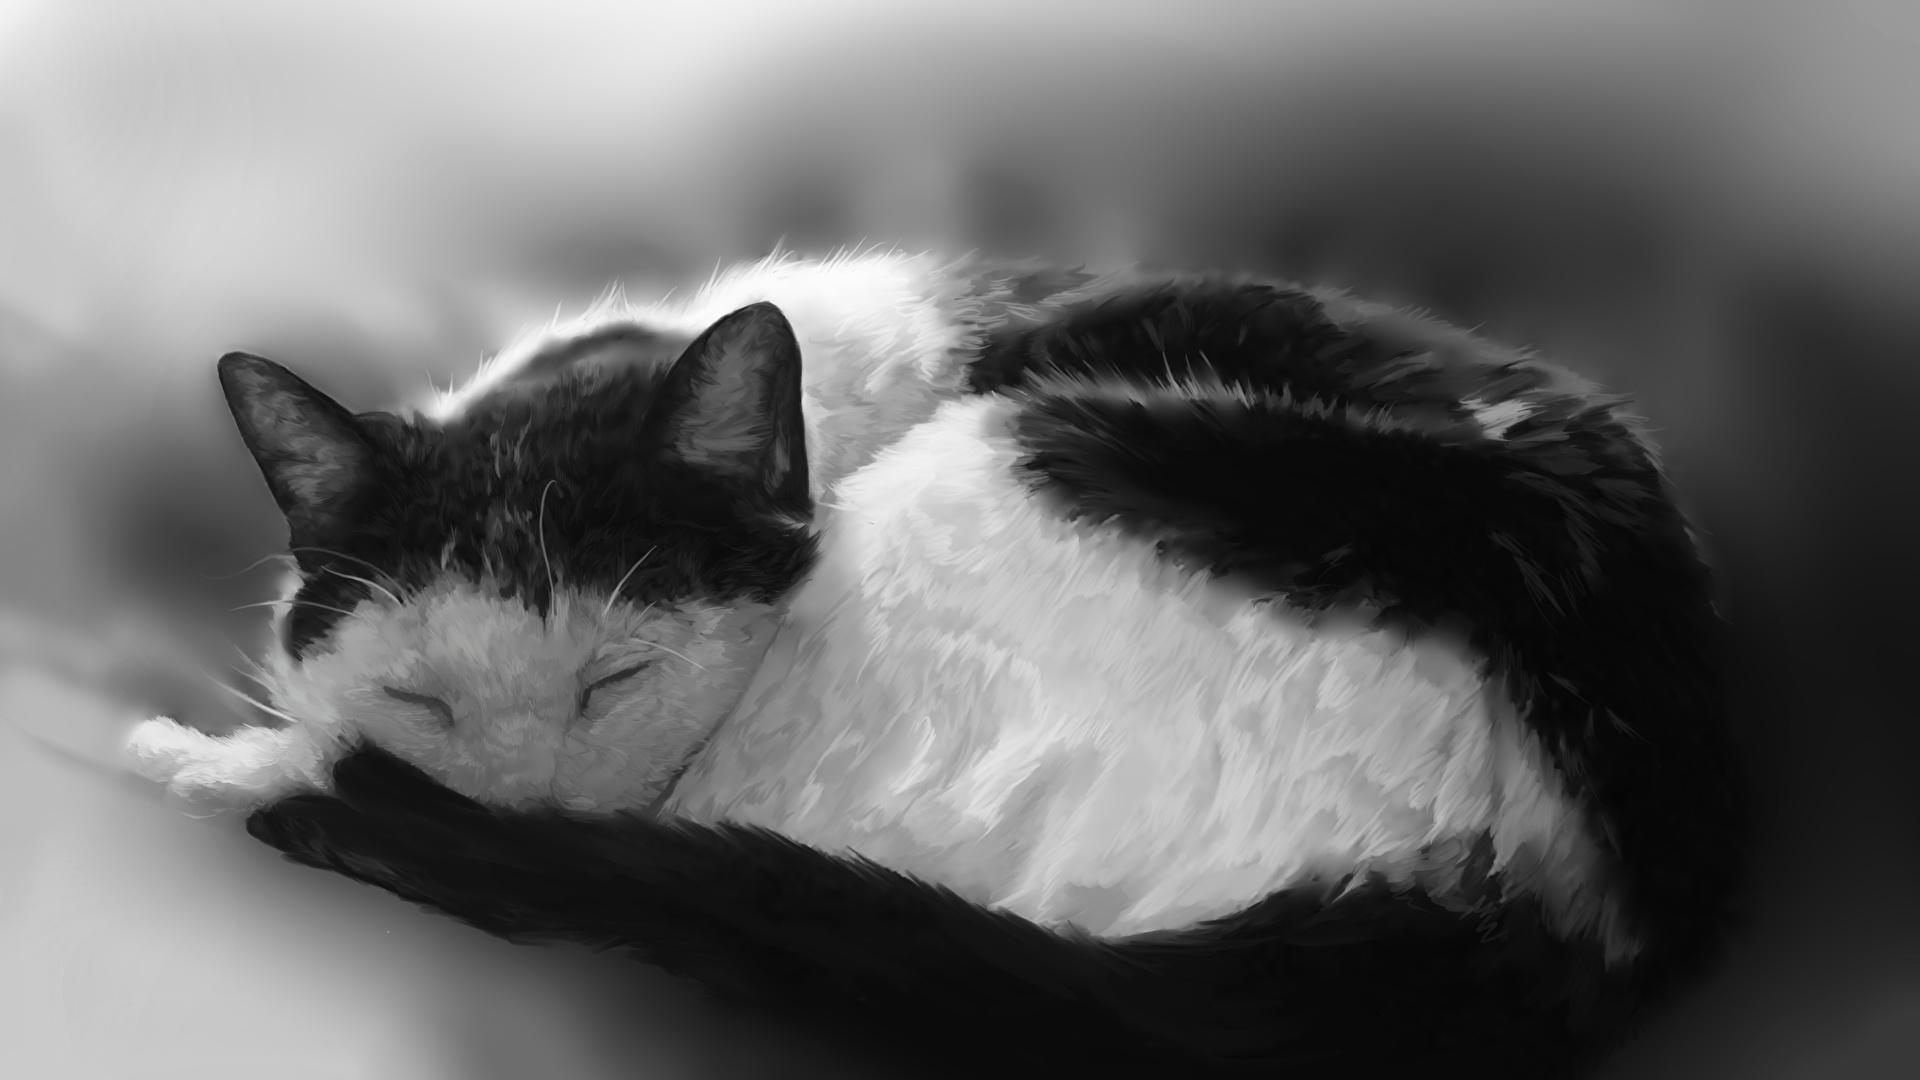 壁紙 1920x1080 飼い猫 描かれた壁紙 眠る 白黒 動物